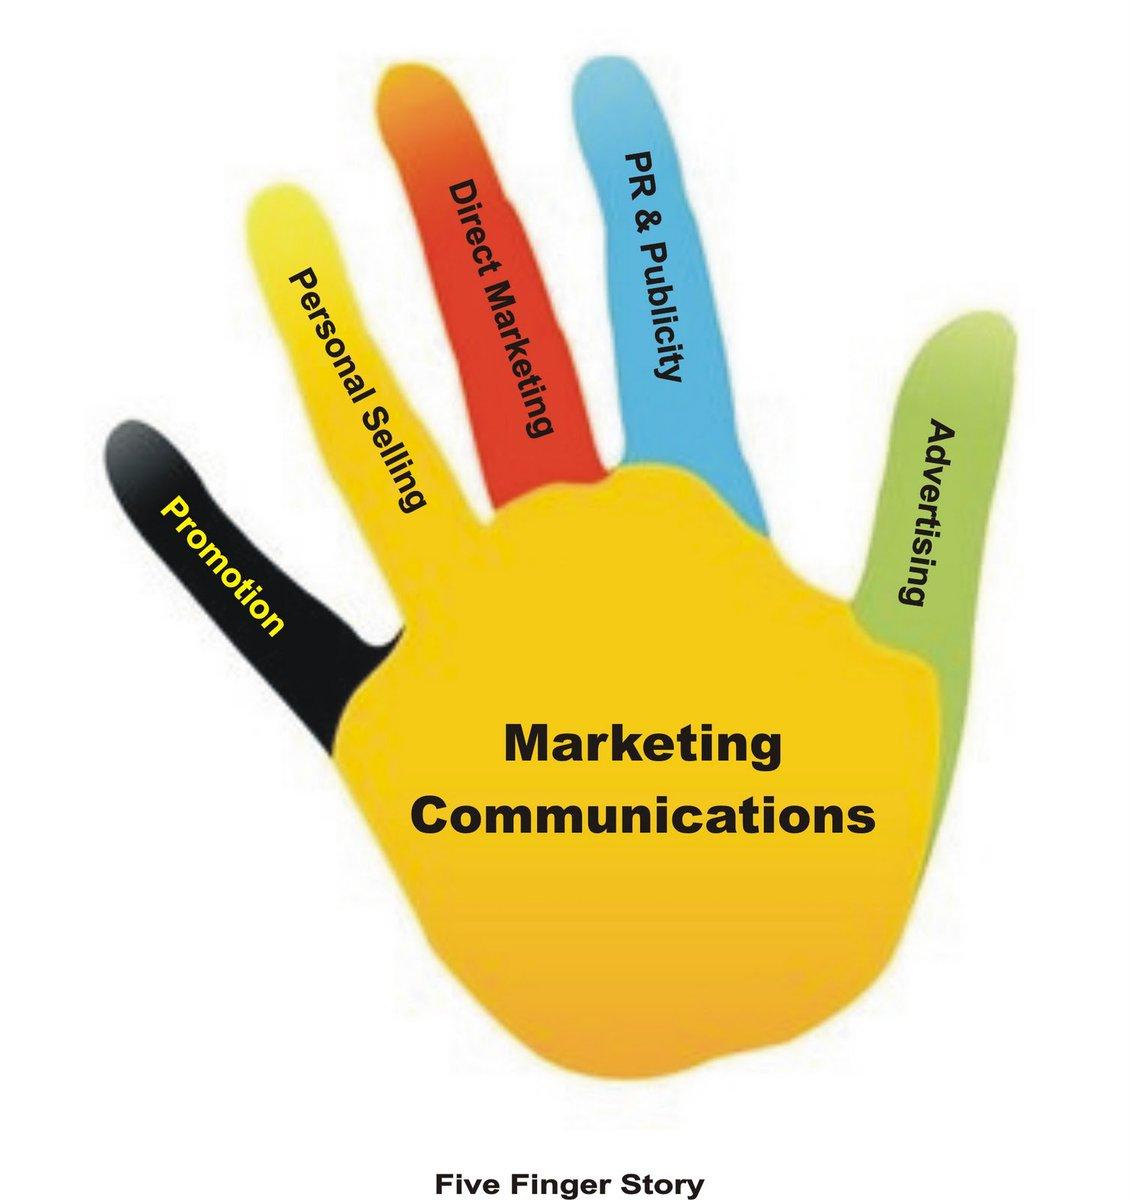 Le #marketing et la #communication, secteurs porteurs d&#39;emplois avec une progression de 64% en un an @cb_news  http:// bit.ly/2kZoXLp  &nbsp;  <br>http://pic.twitter.com/HW8Oh4HZ9d